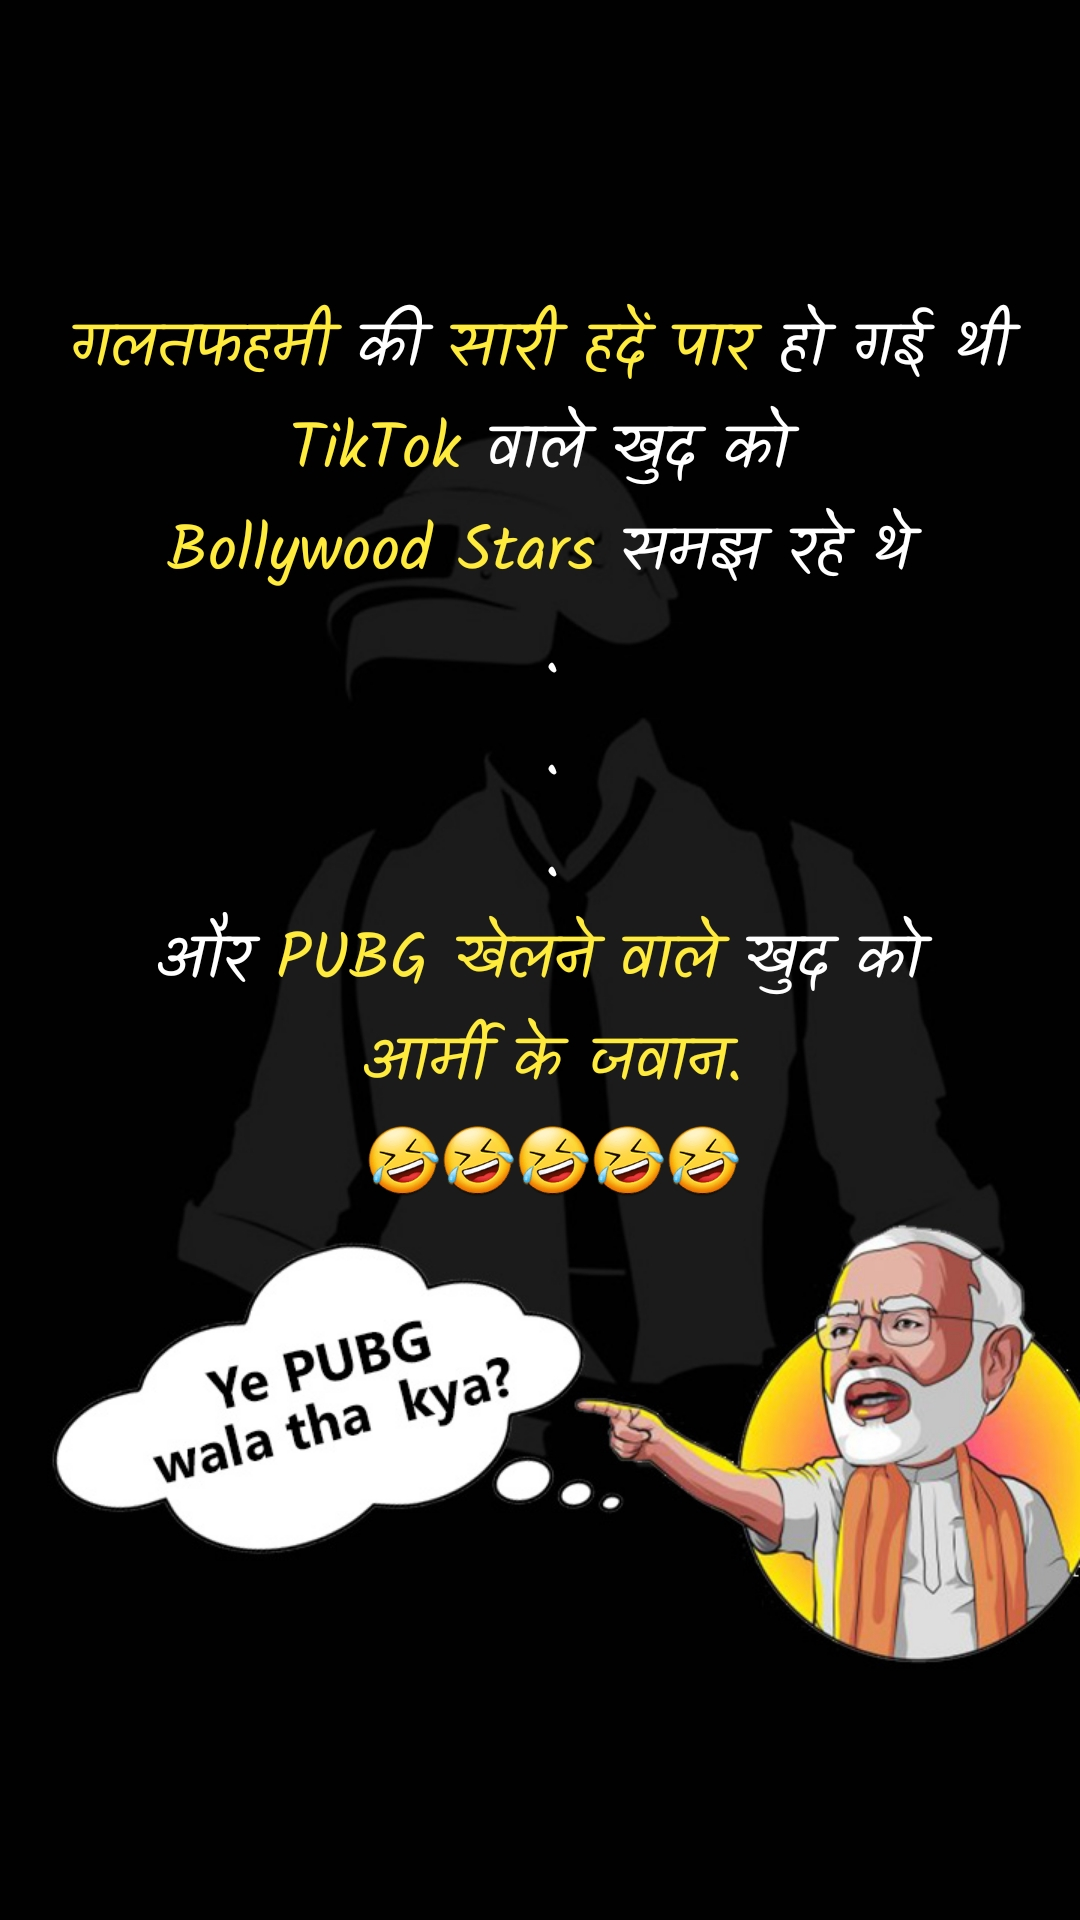 गलतफहमी की सारी हदें पार हो गई थी  TikTok वाले खुद को  Bollywood Stars समझ रहे थे  . . . और PUBG खेलने वाले खुद को  आर्मी के जवान. 🤣🤣🤣🤣🤣